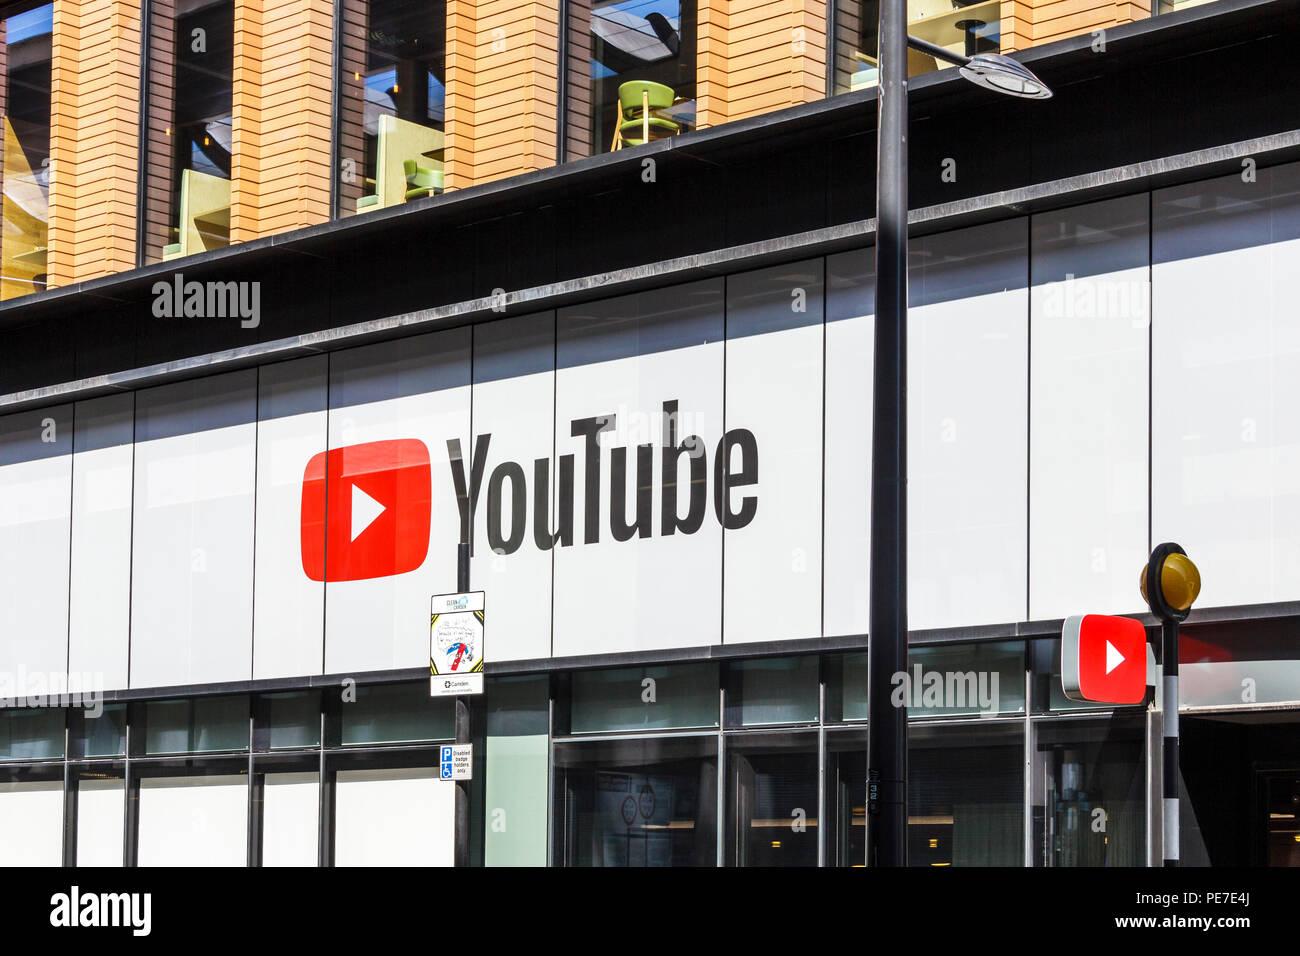 Il YouTube spazio in costruzione Pancras Road, King's Cross, London, Regno Unito Immagini Stock